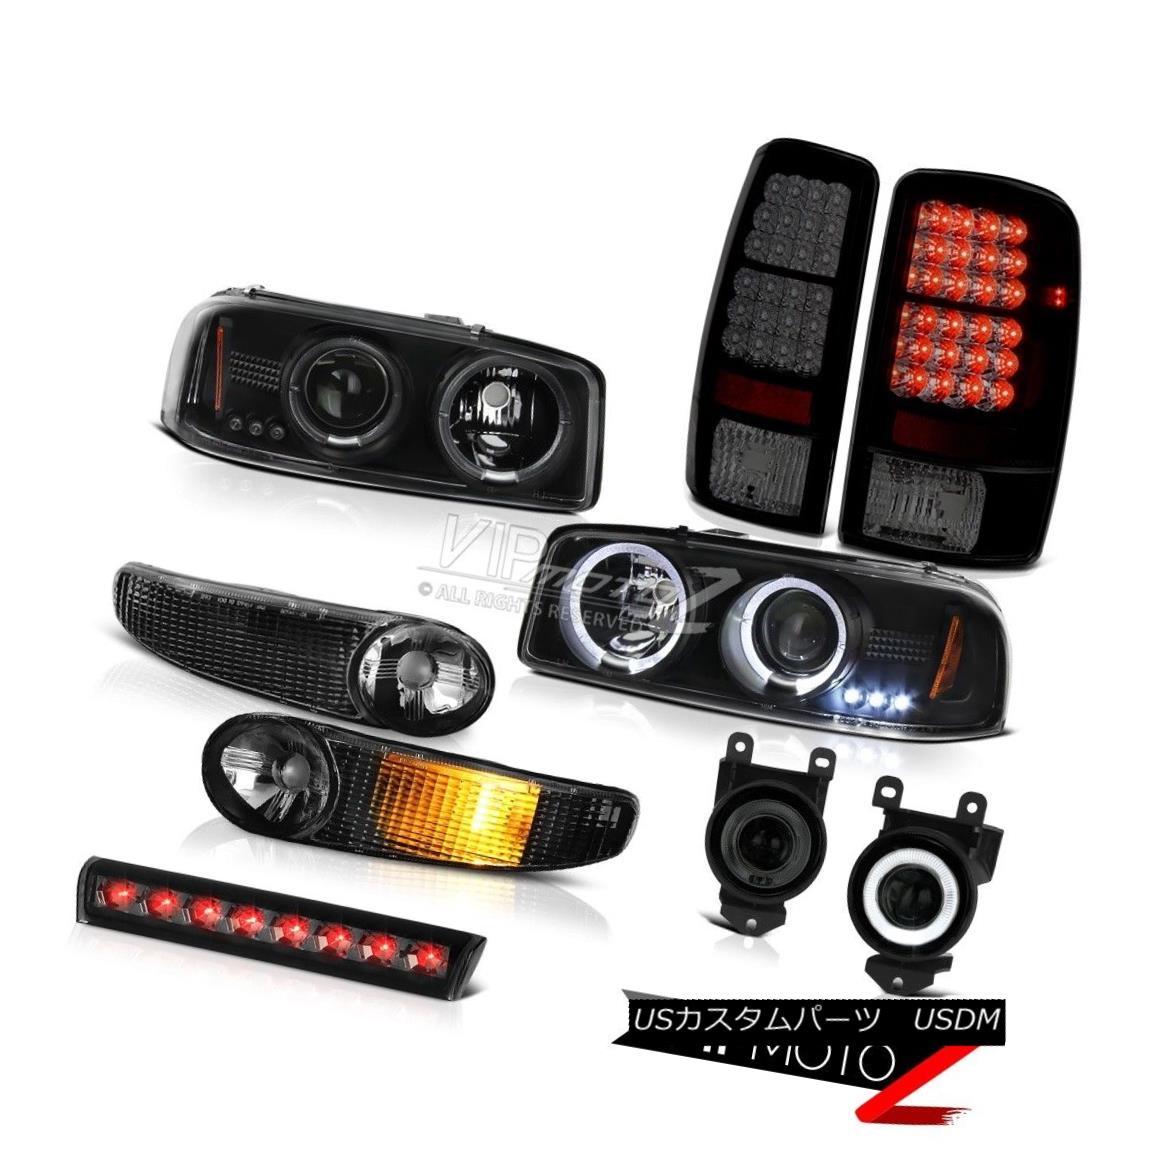 テールライト LED Projector Headlight Bumper Smoke Tail Lamp Fog 3rd Brake 01-06 Yukon XL 6.0L LEDプロジェクターヘッドライトバンパースモークテールランプフォグ3rdブレーキ01-06ユーコンXL 6.0L